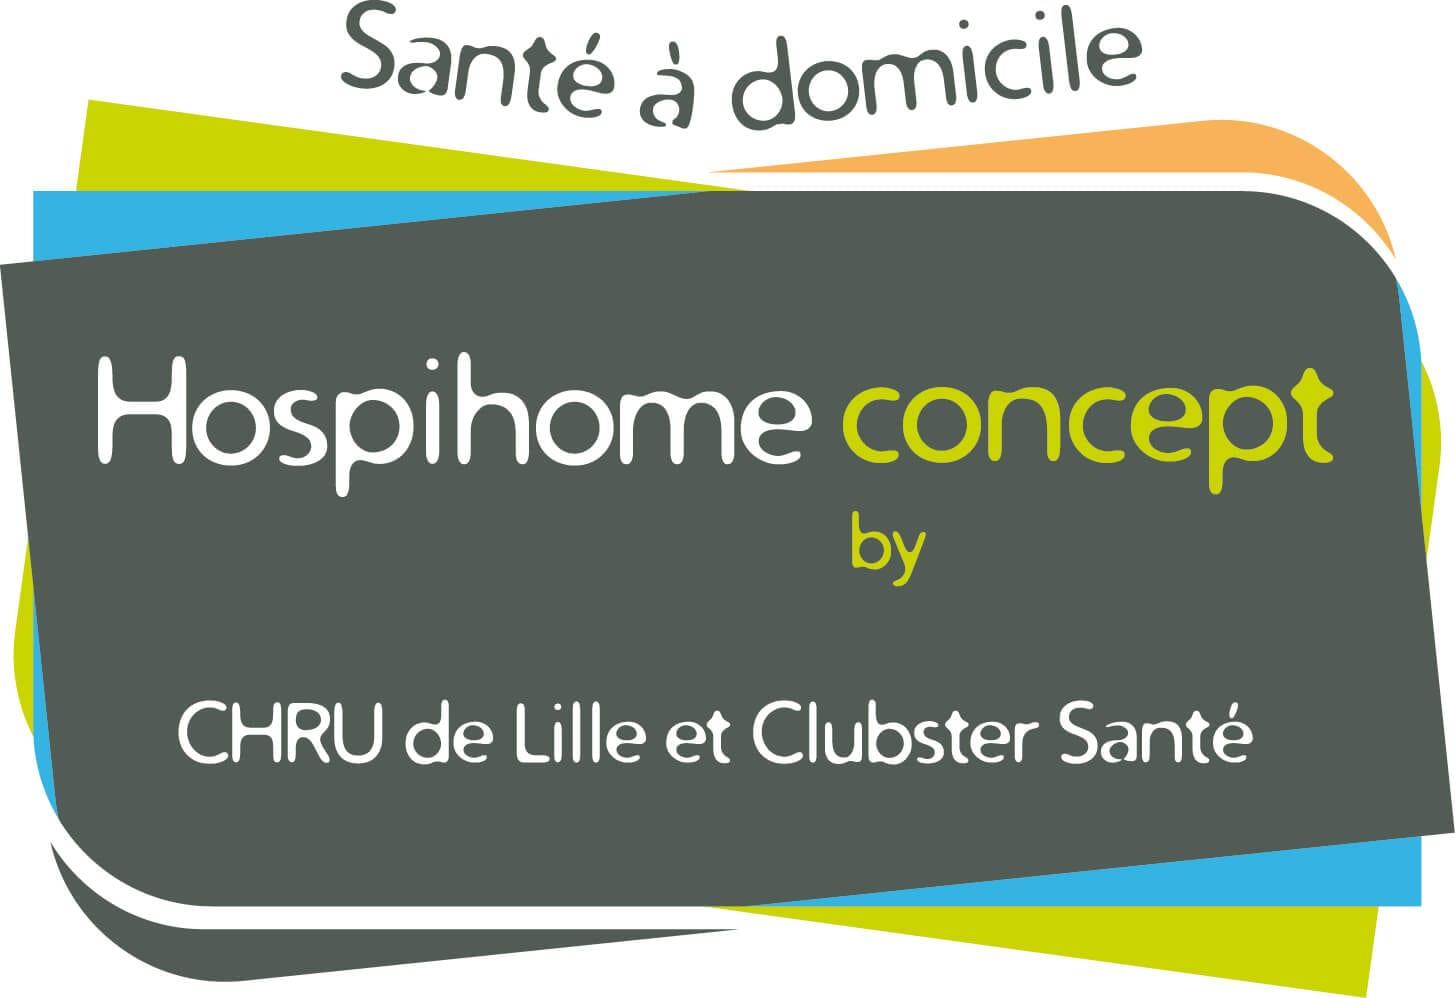 Hospihome Concept - maintien à domicile